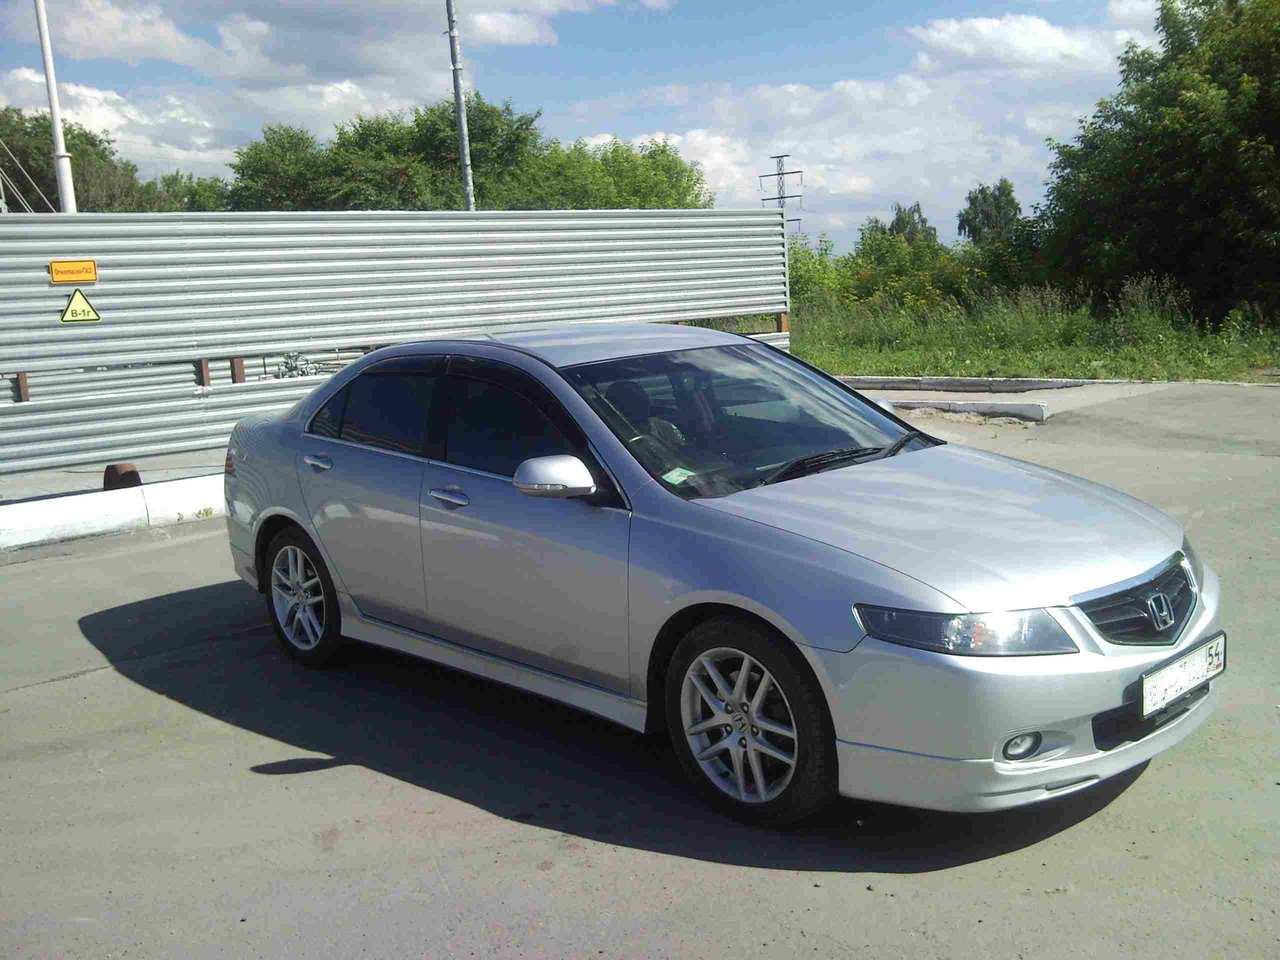 2003 Honda Accord 2 4l Gasoline FF Automatic